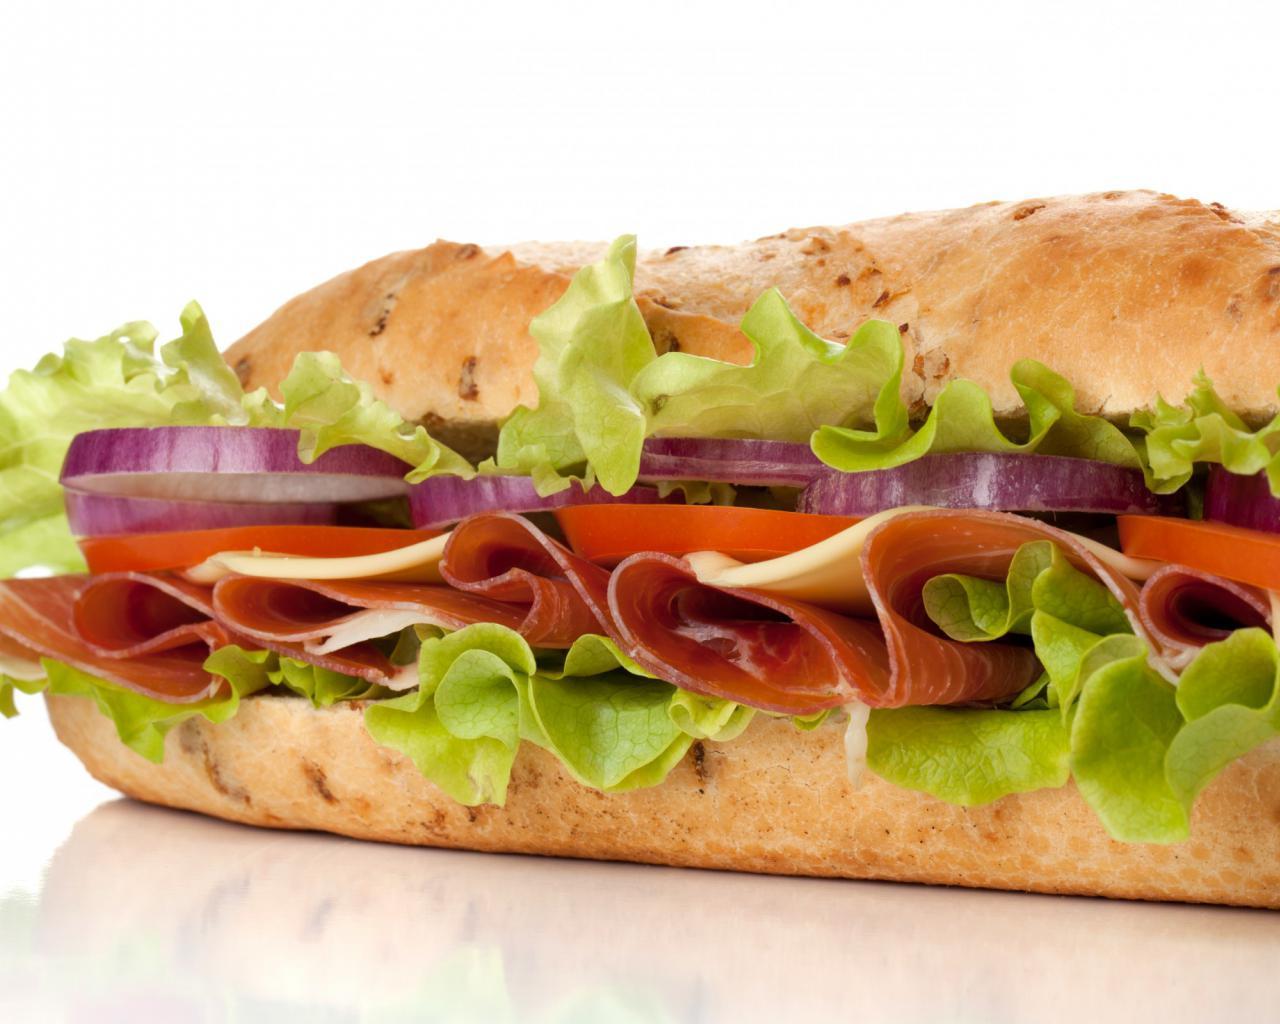 Cuantas Calorias Tiene Un Sandwich De Jamon Elsol Com Ar Diario